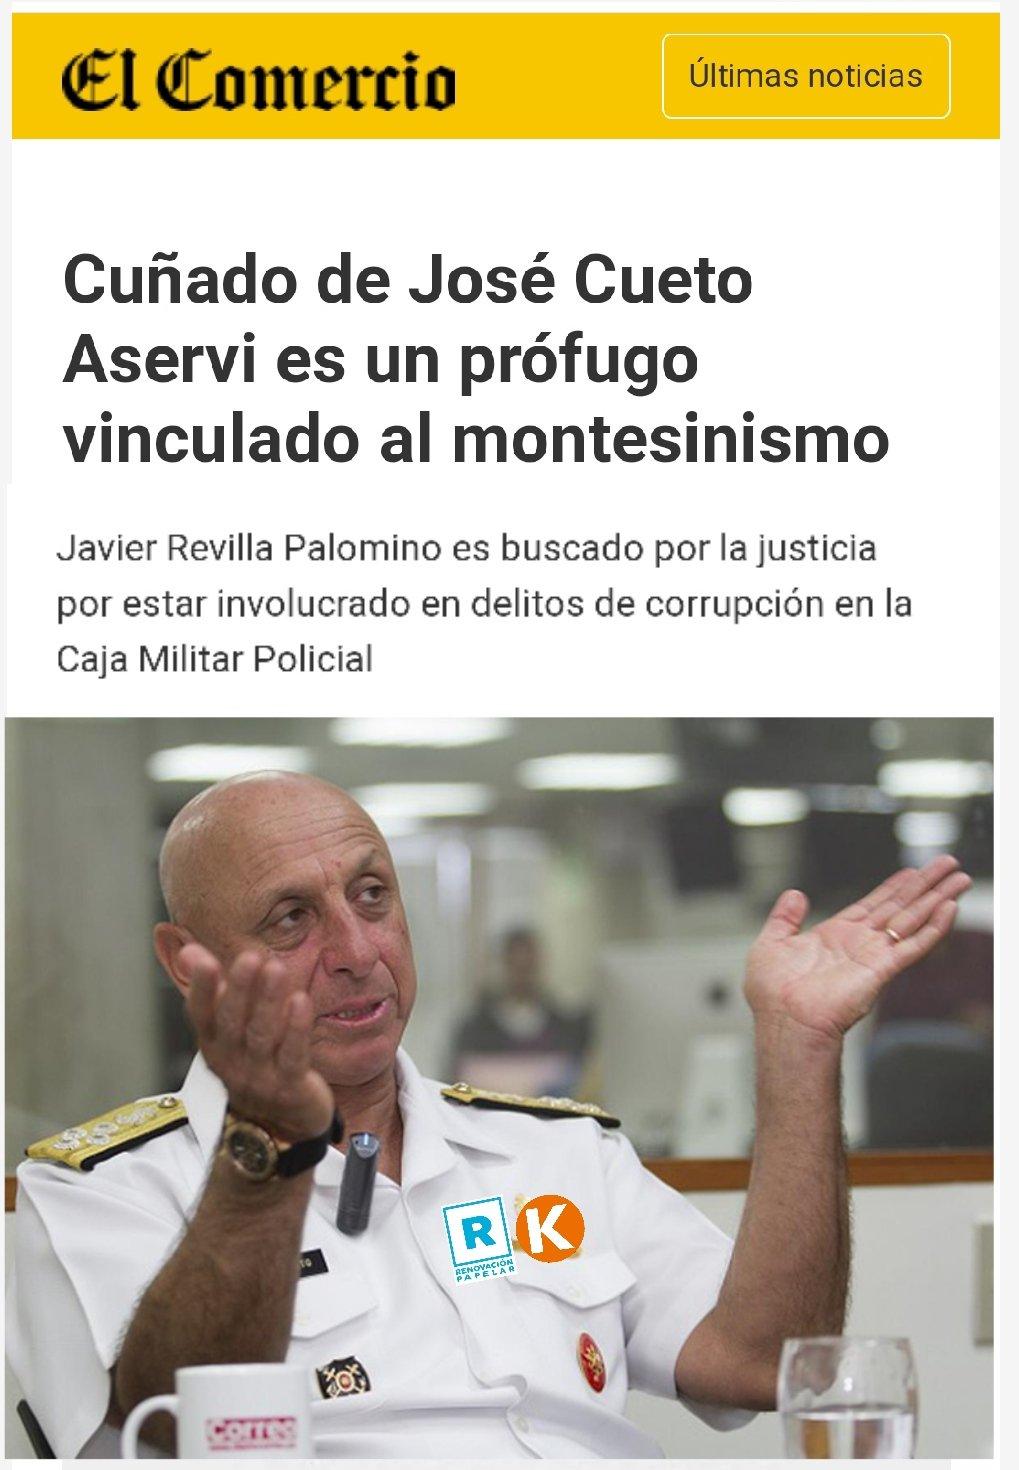 Poder Judicial Twitter